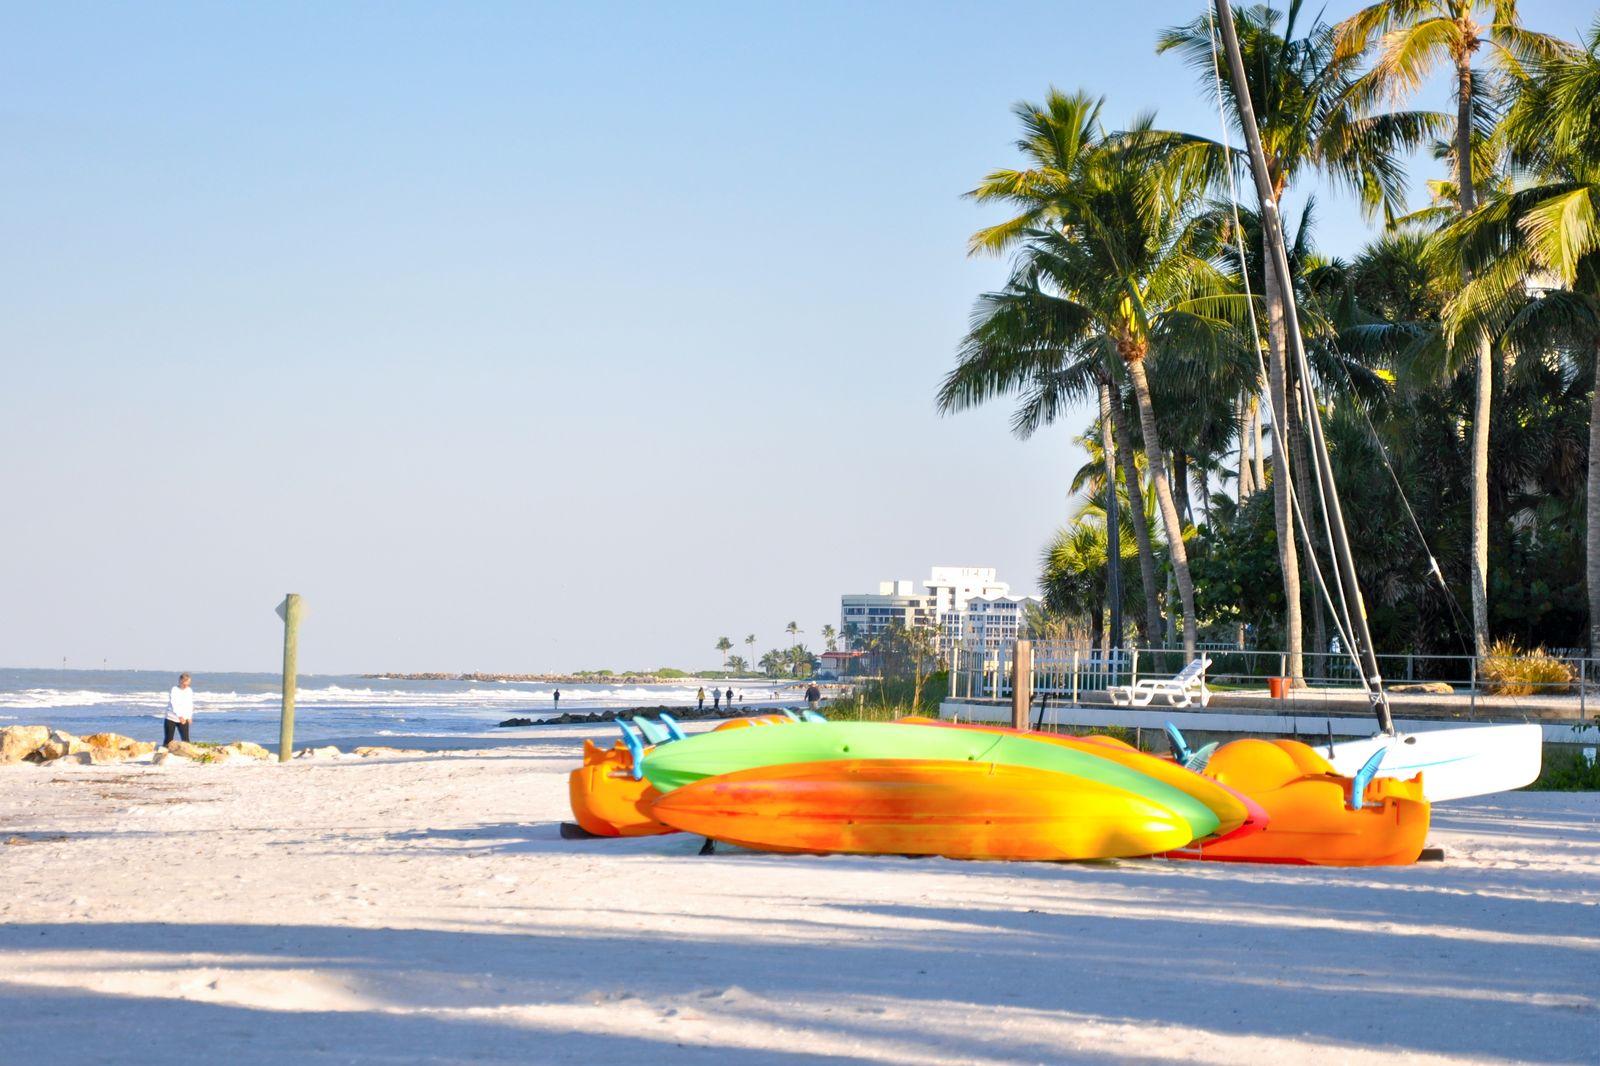 Entspannung am Golf von Mexiko